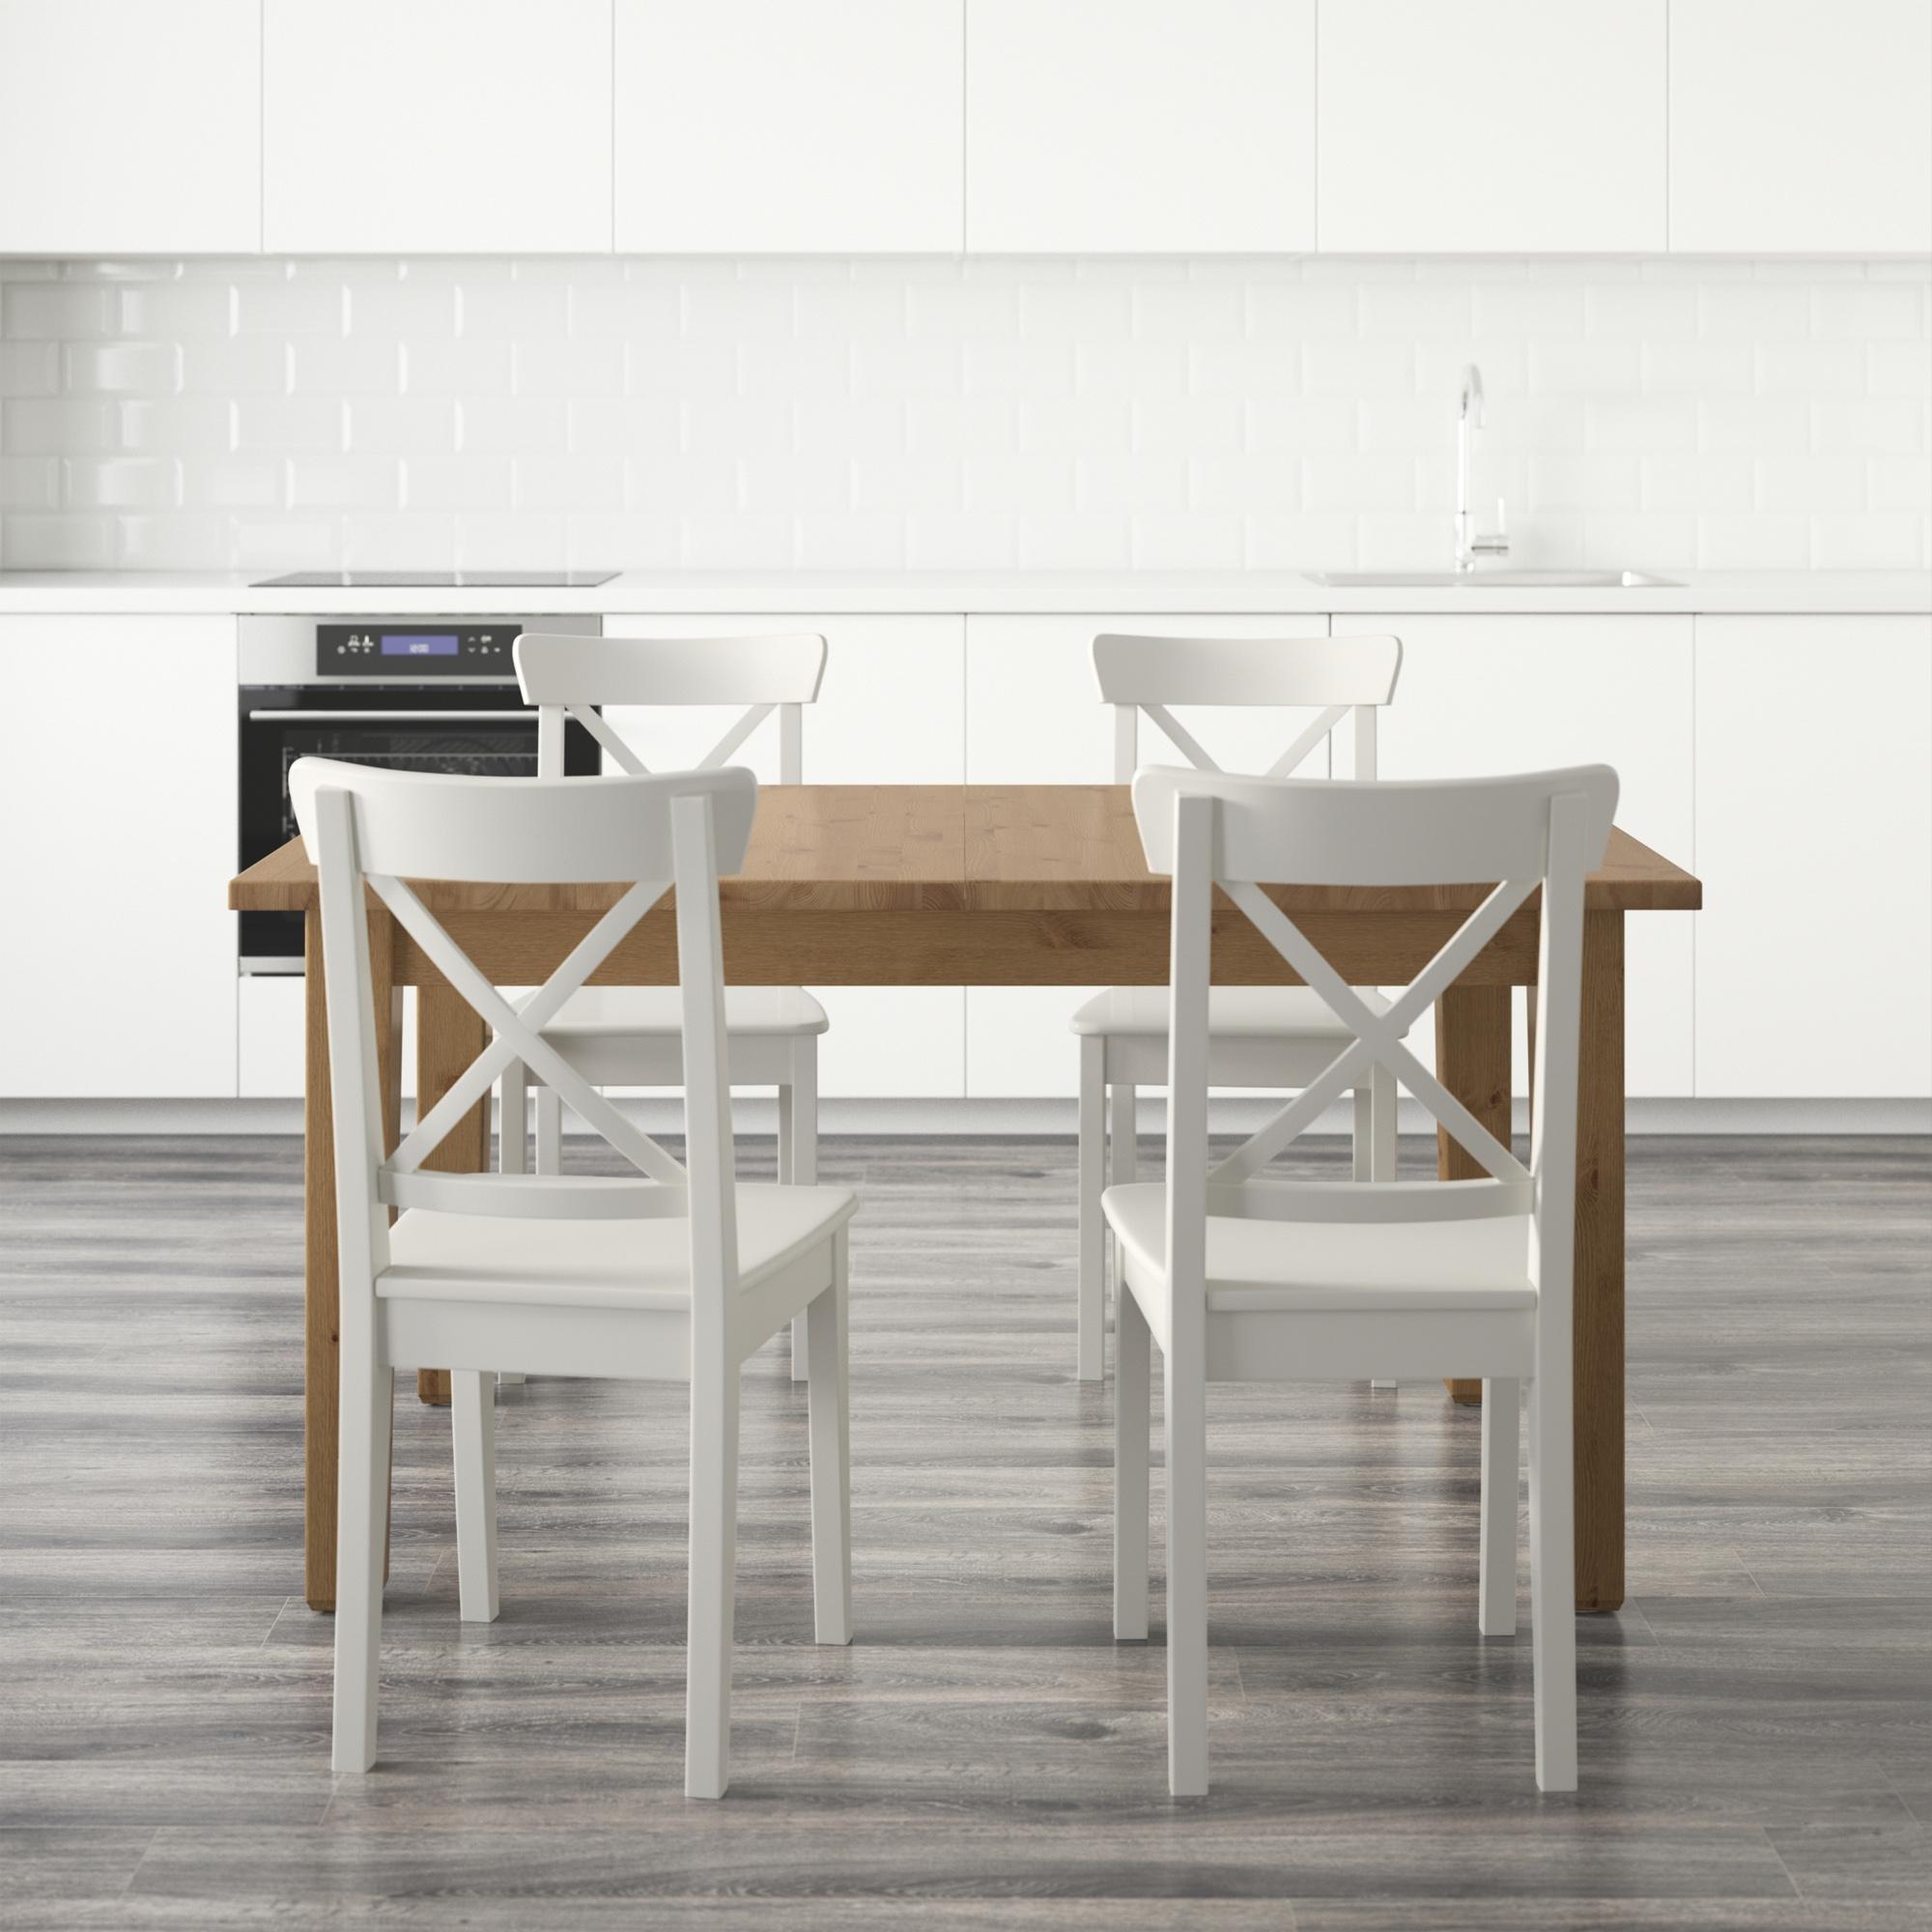 Storn s mesa con 4 sillas for Mesas ikea 5 euros